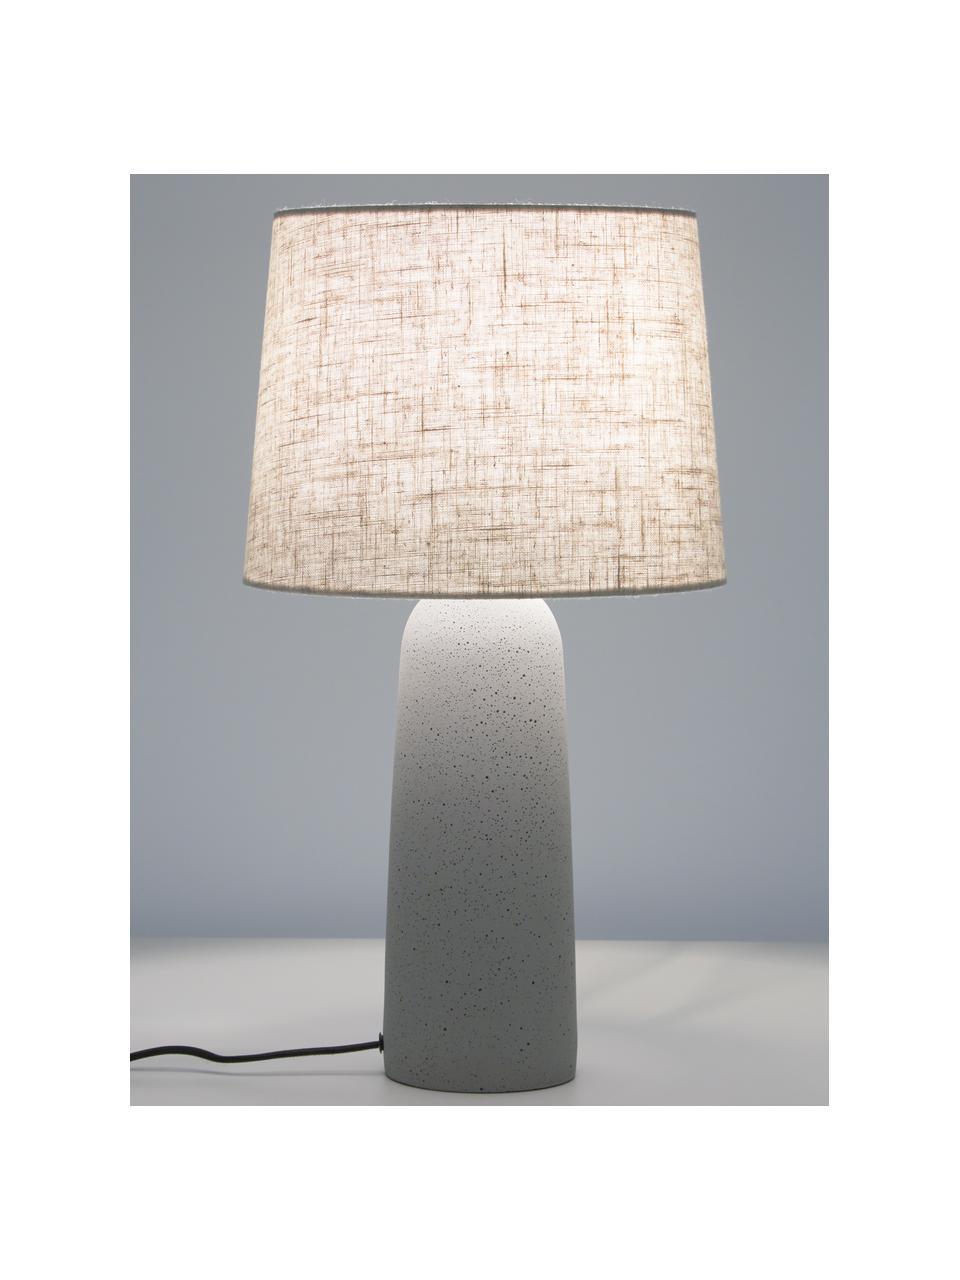 Lampa stołowa z betonową podstawą Kaya, Beżowy, Ø 29 x W 52 cm